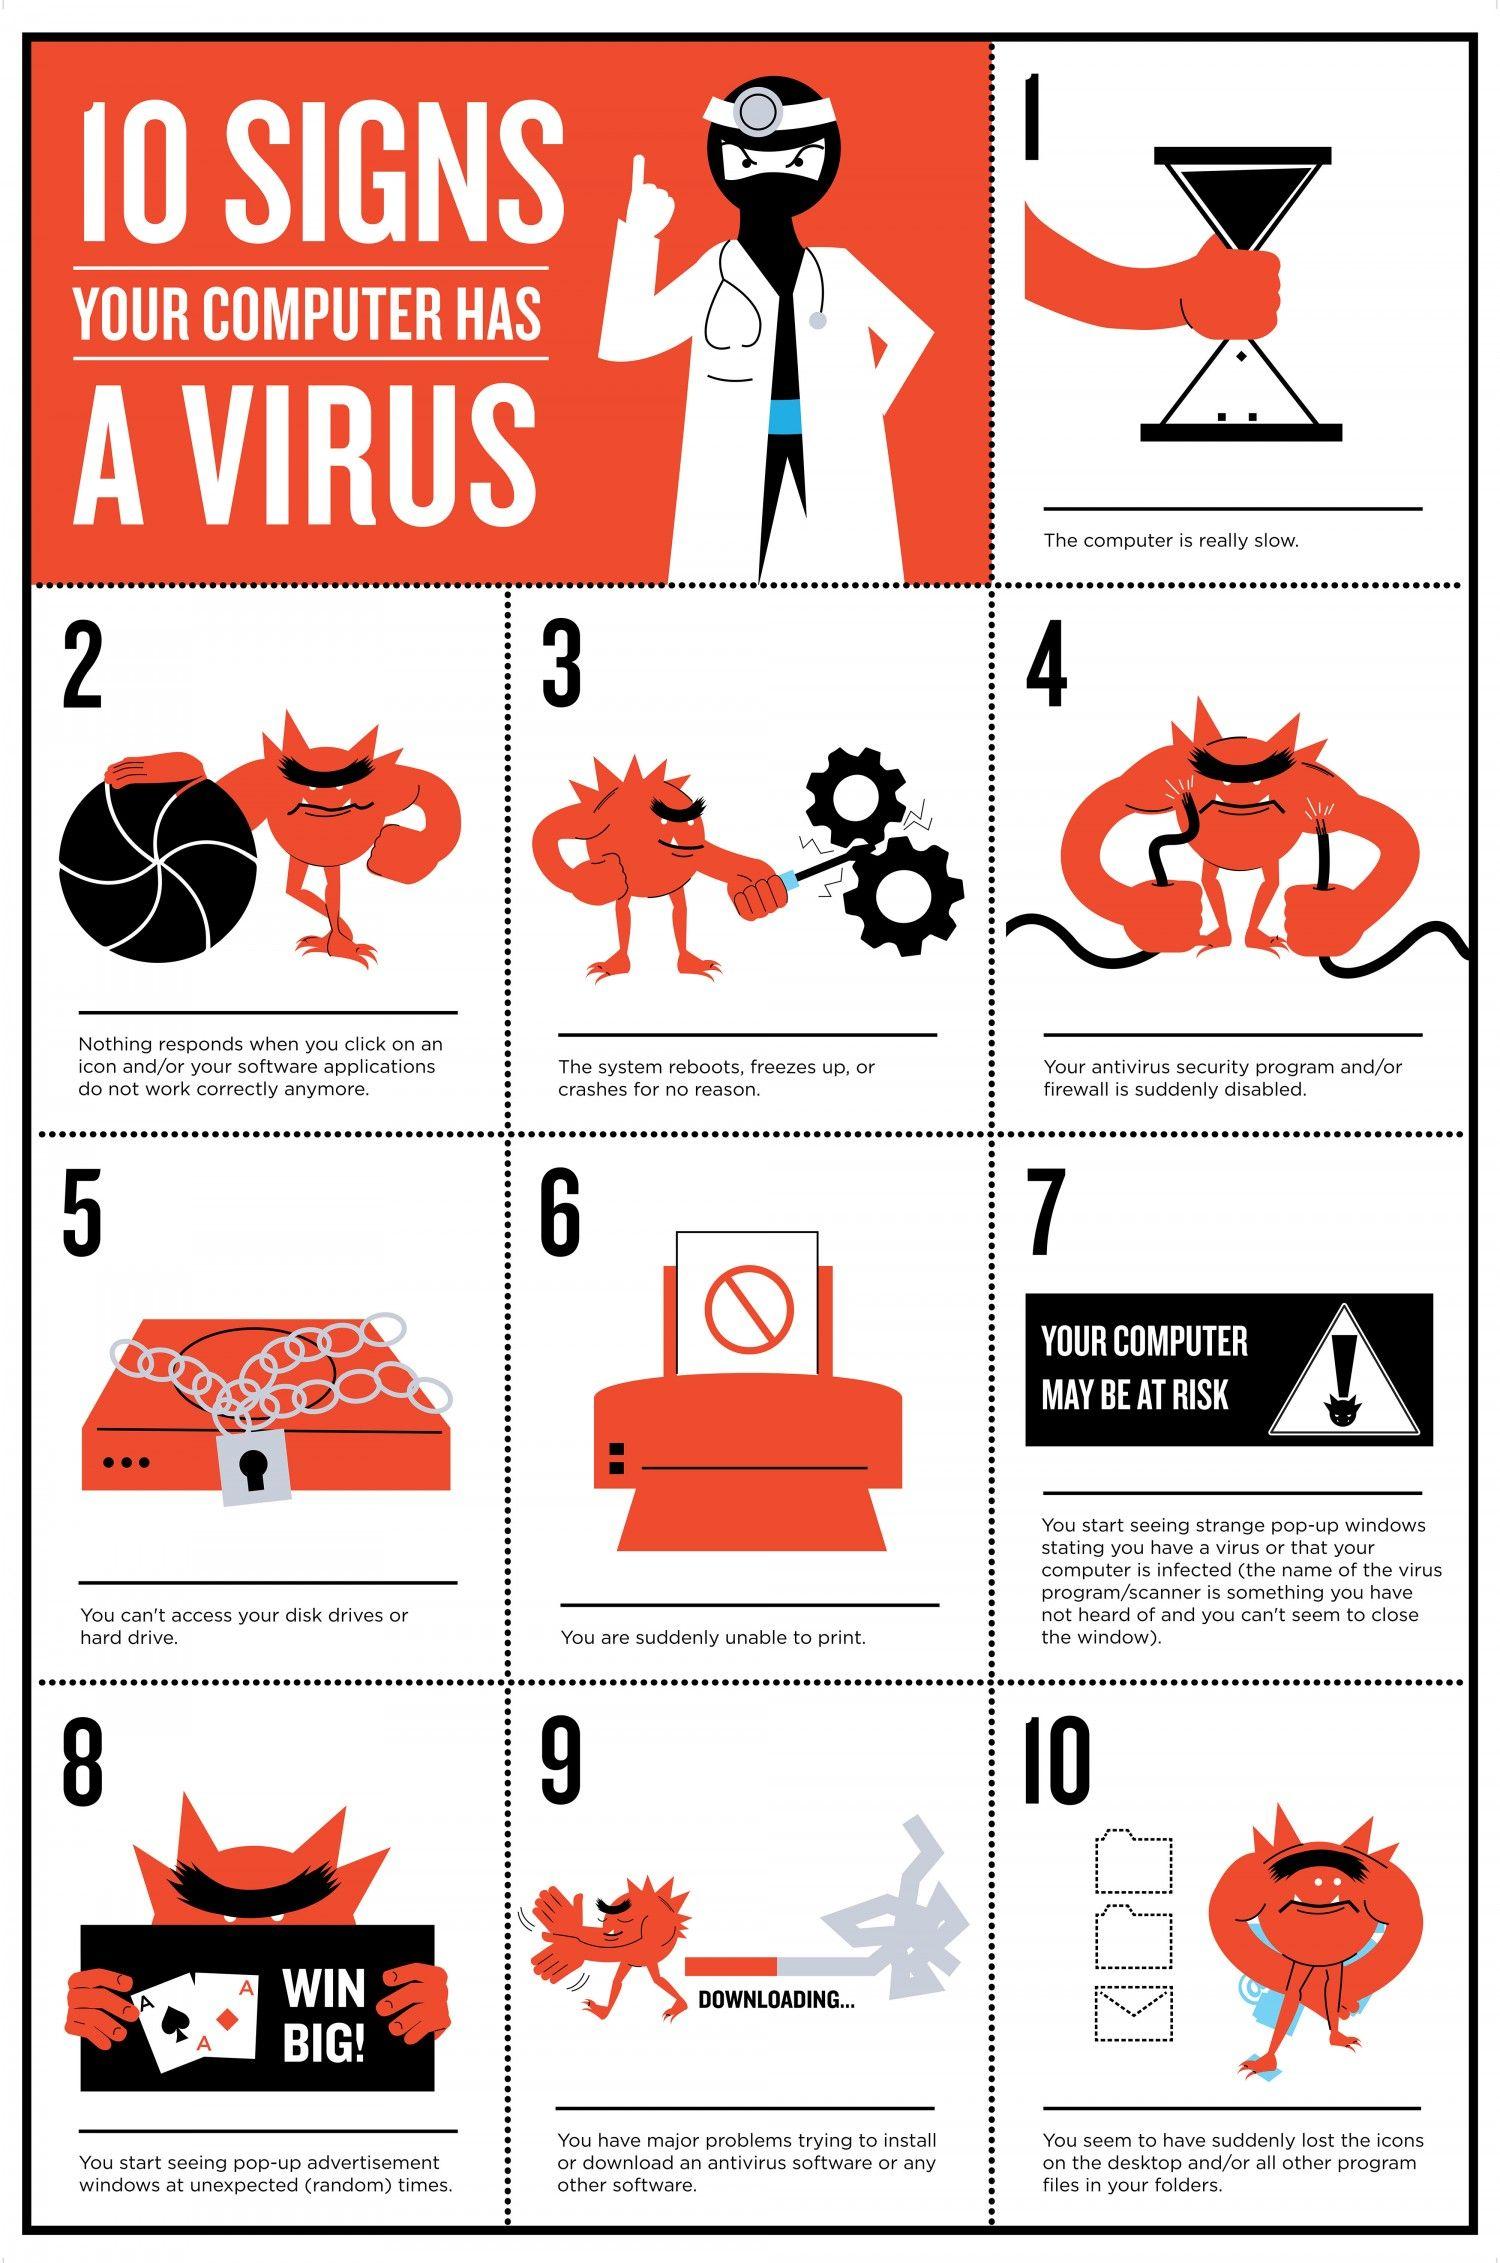 No hace falta ser un experto en informática para sospechar de que nuestro equipo ha sido víctima de malware. Nos puede avisar a través de alguno de estos signos. #ciberseguridad #infografía #ordenadores